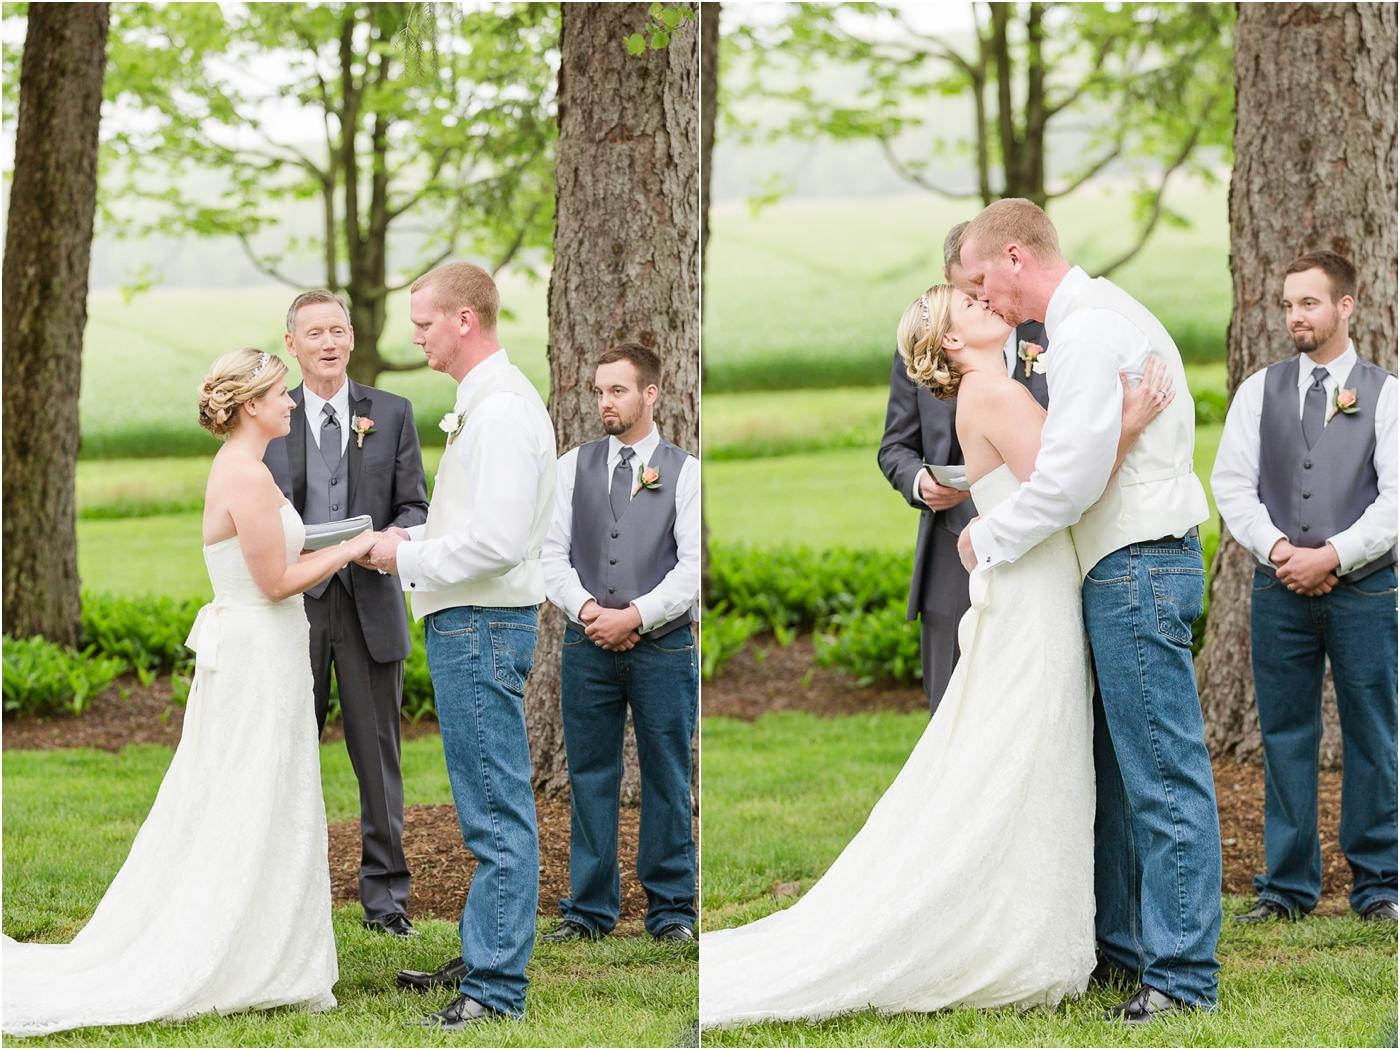 Royer-House-Wedding-Photos-47.jpg